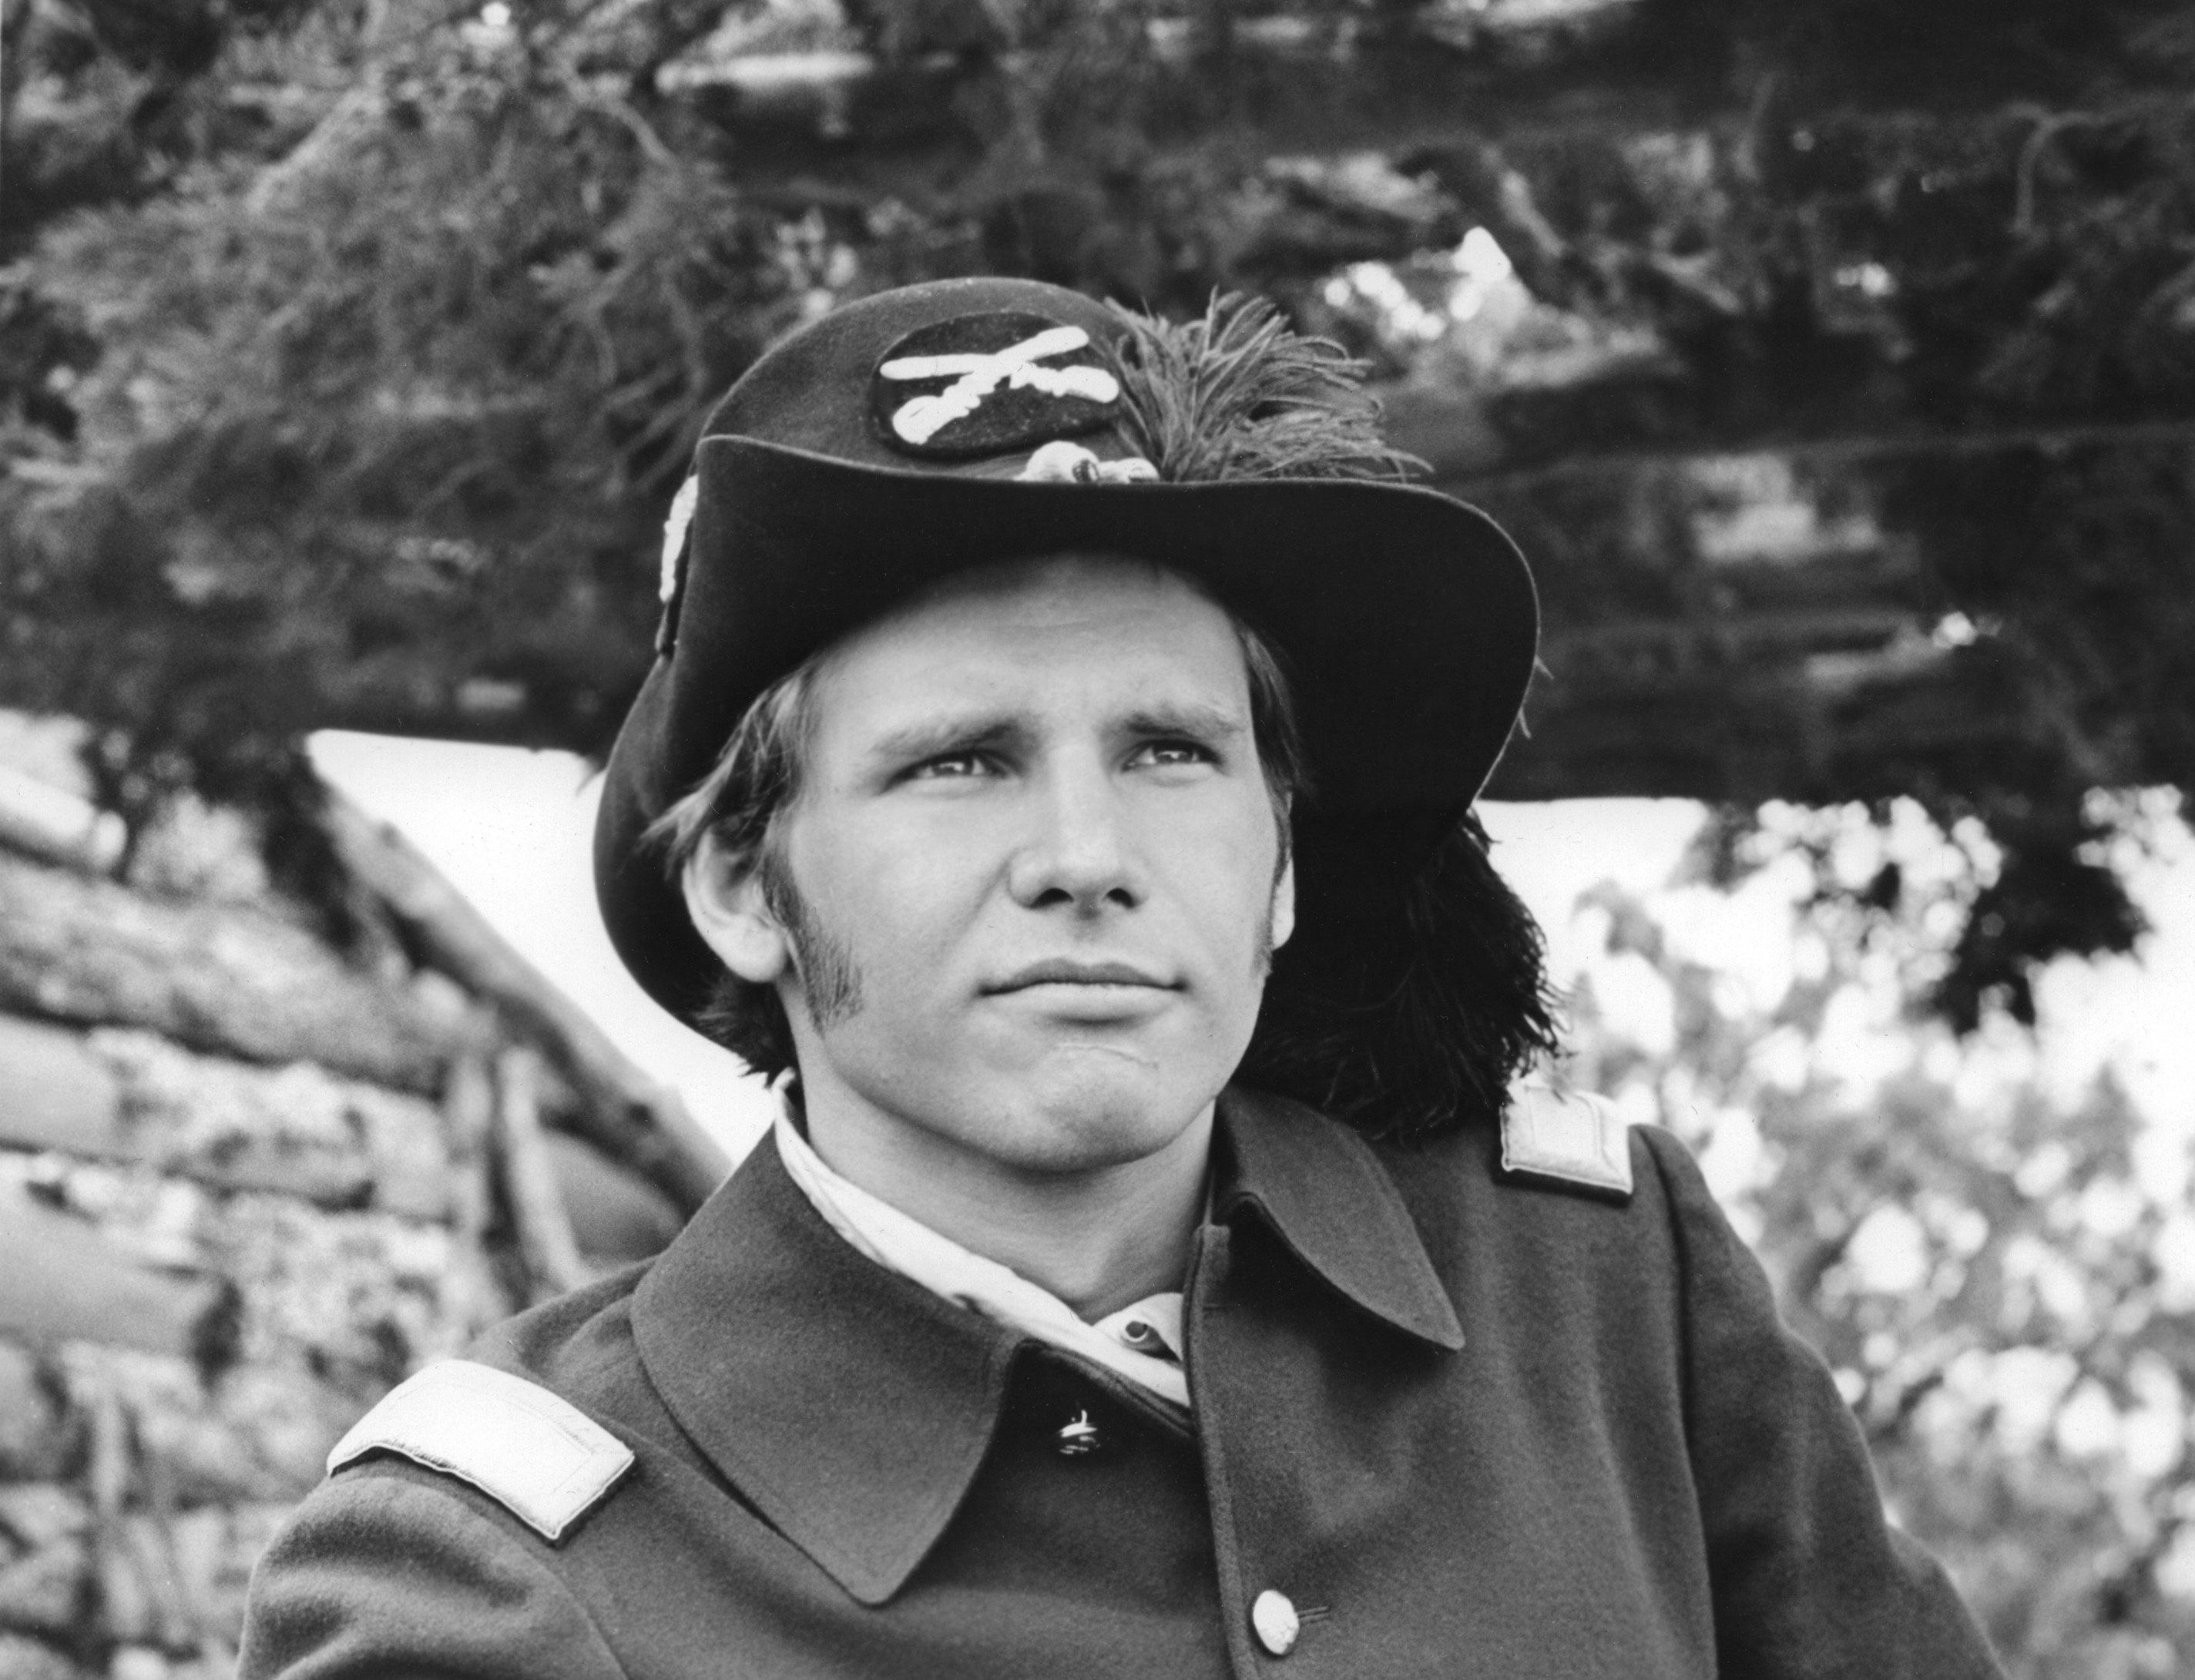 Harrison dressed in a Confederate costume